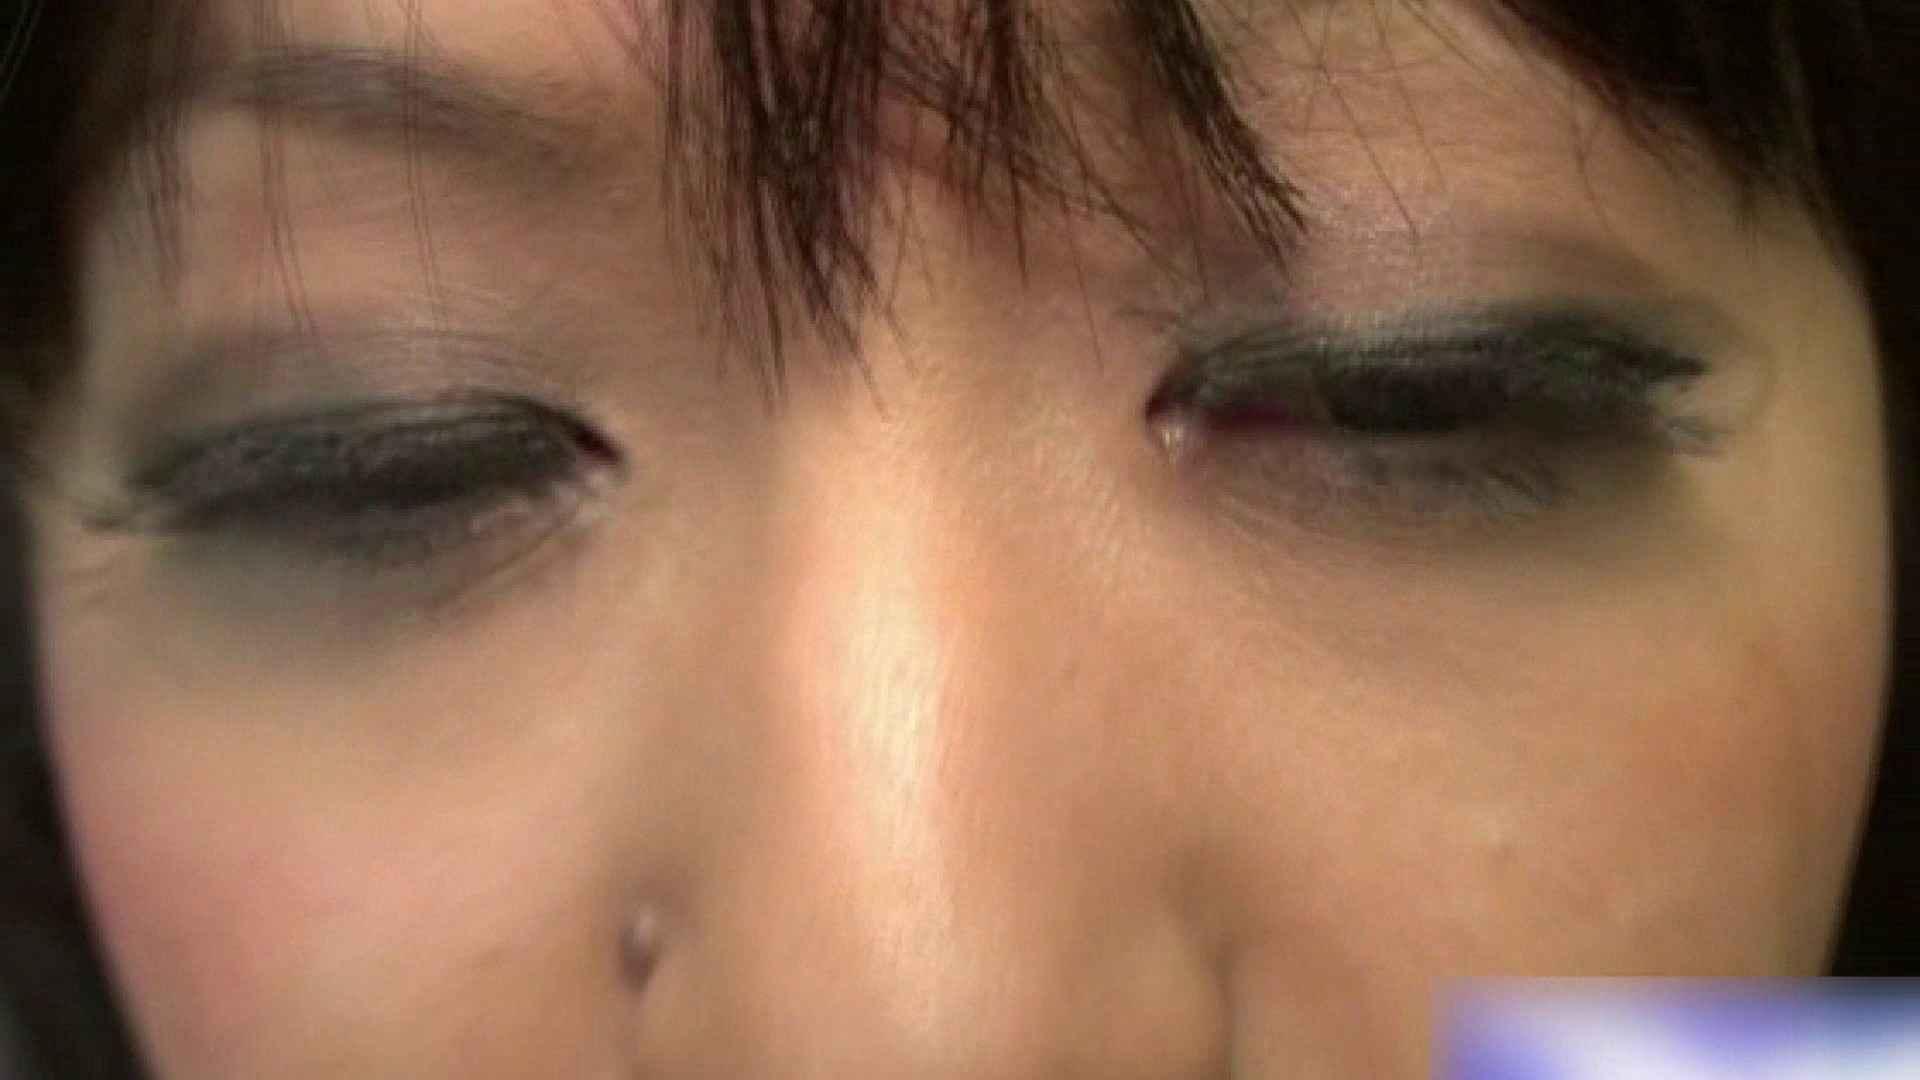 変態オナニー劇場 Vol.18 オナニー  92連発 91